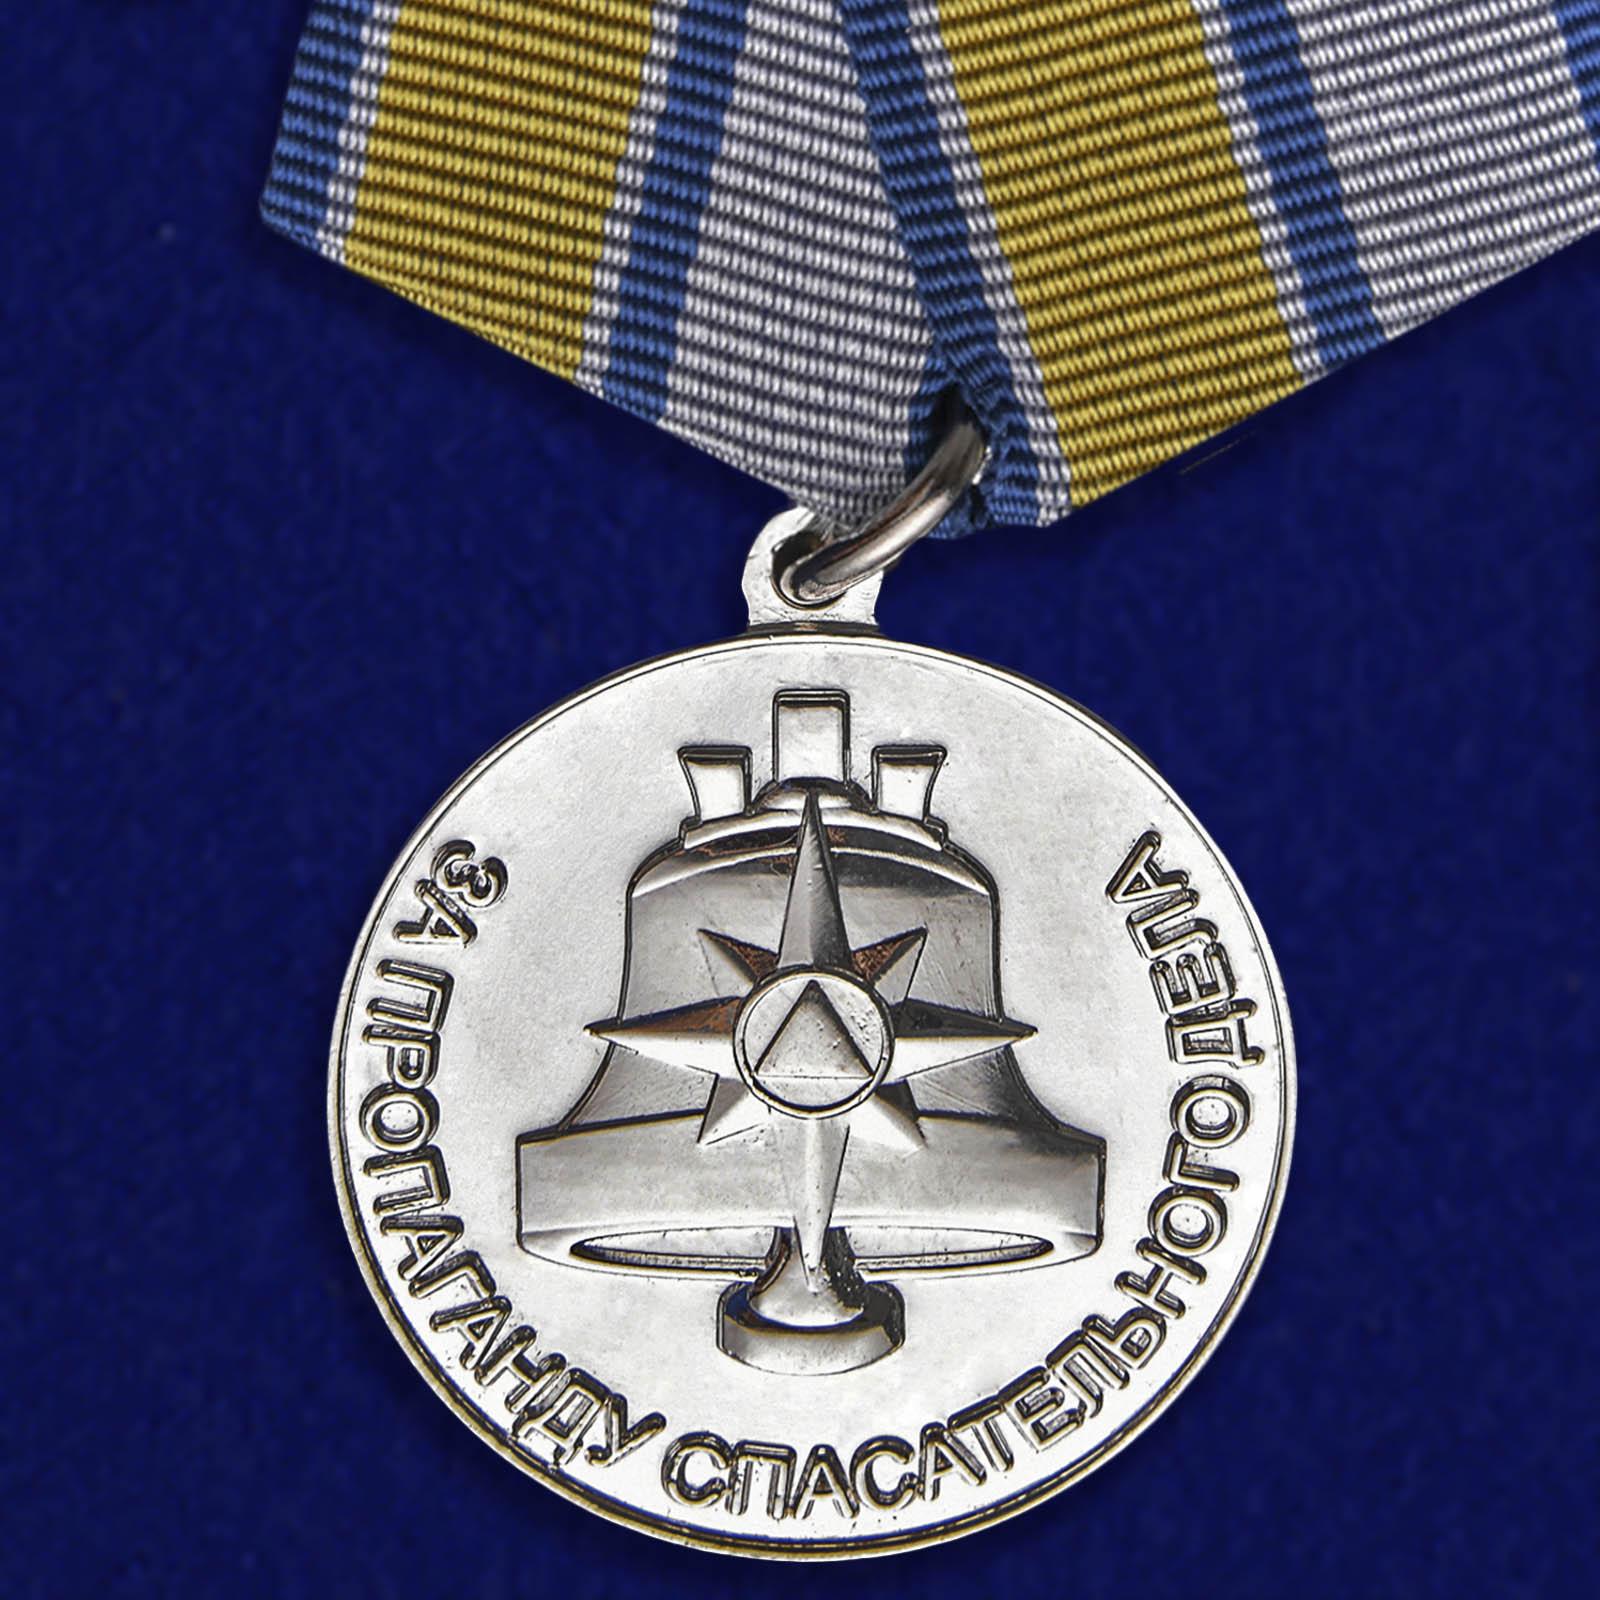 Купить медаль МЧС За пропаганду спасательного дела на подставке в подарок